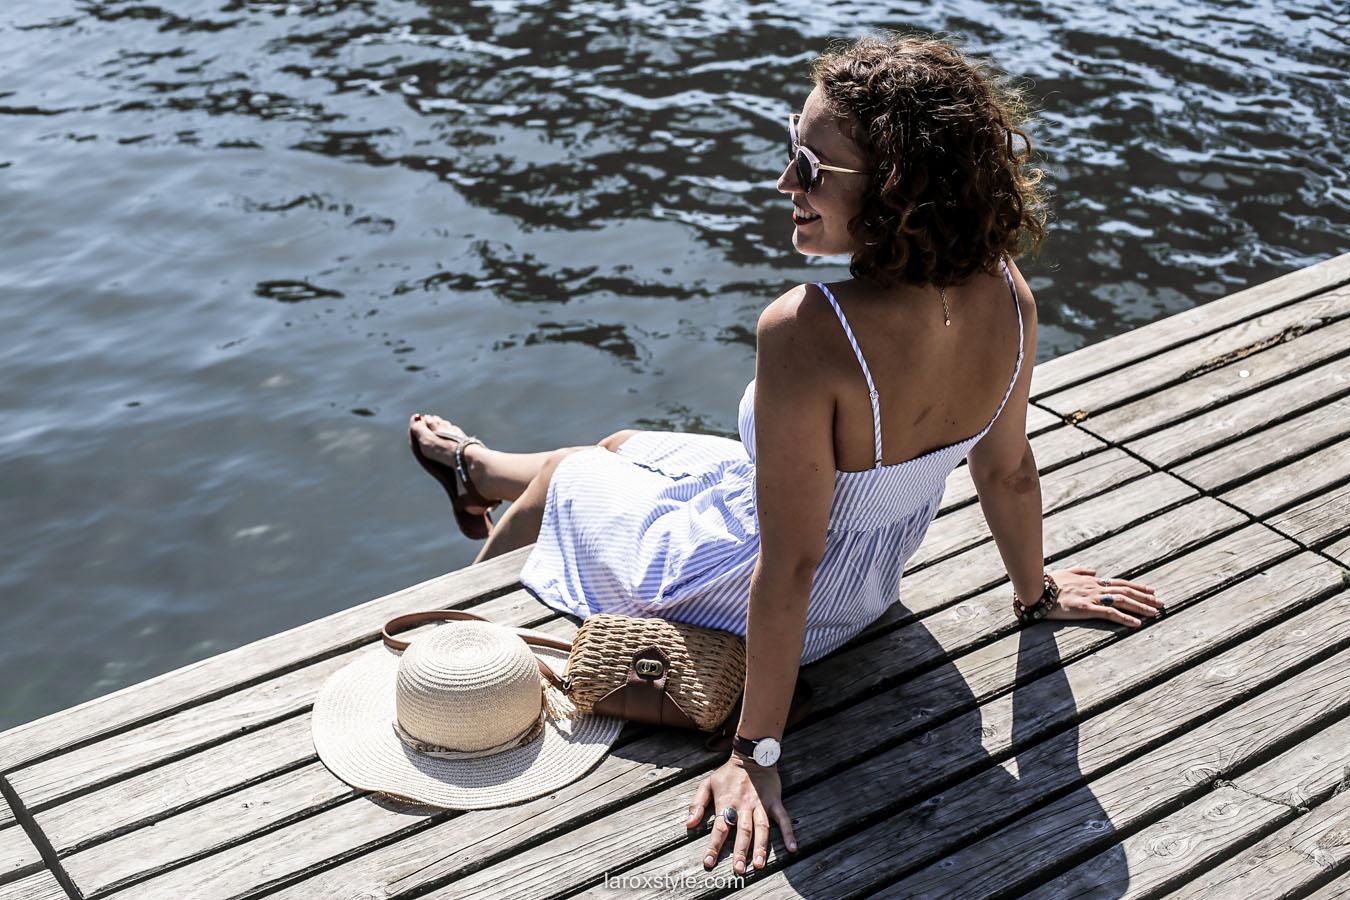 astuces profiter des vacances chez soi - blog lifestyle